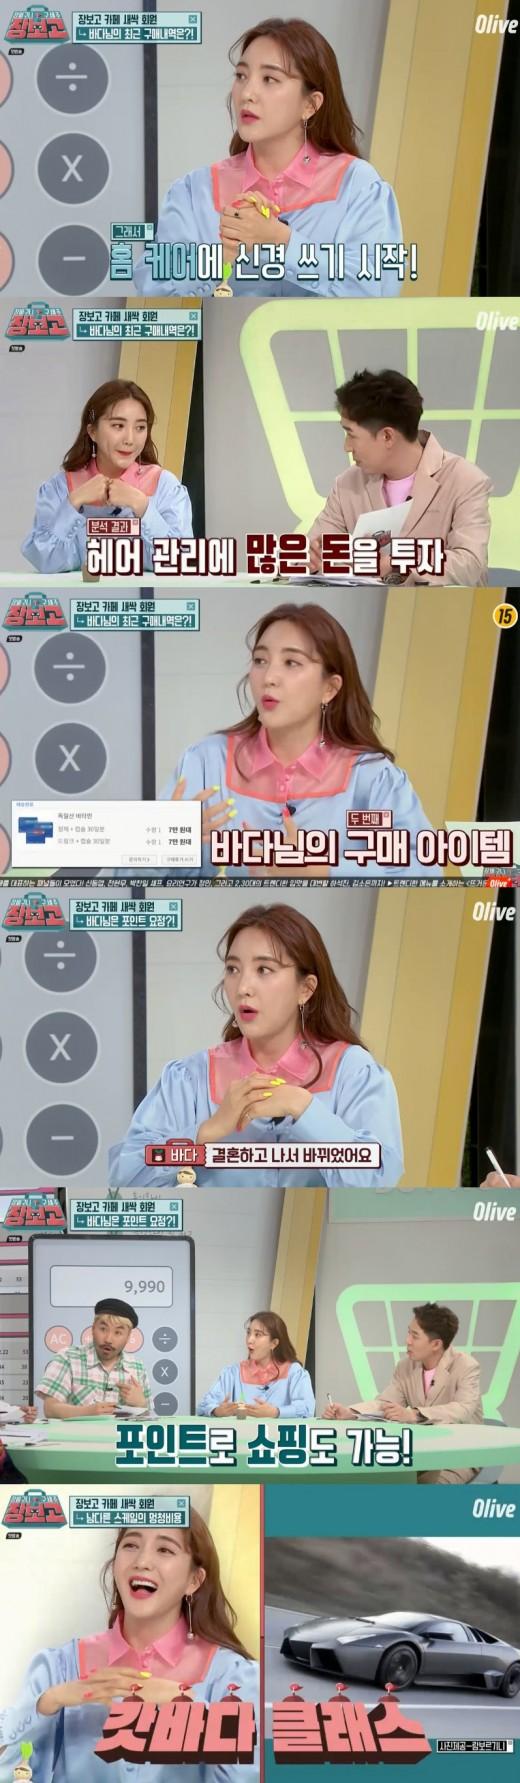 """첫방 '장보고' 바다, 결혼 후 달라진 소비습관 """"3억 외제차→포인트적립"""""""